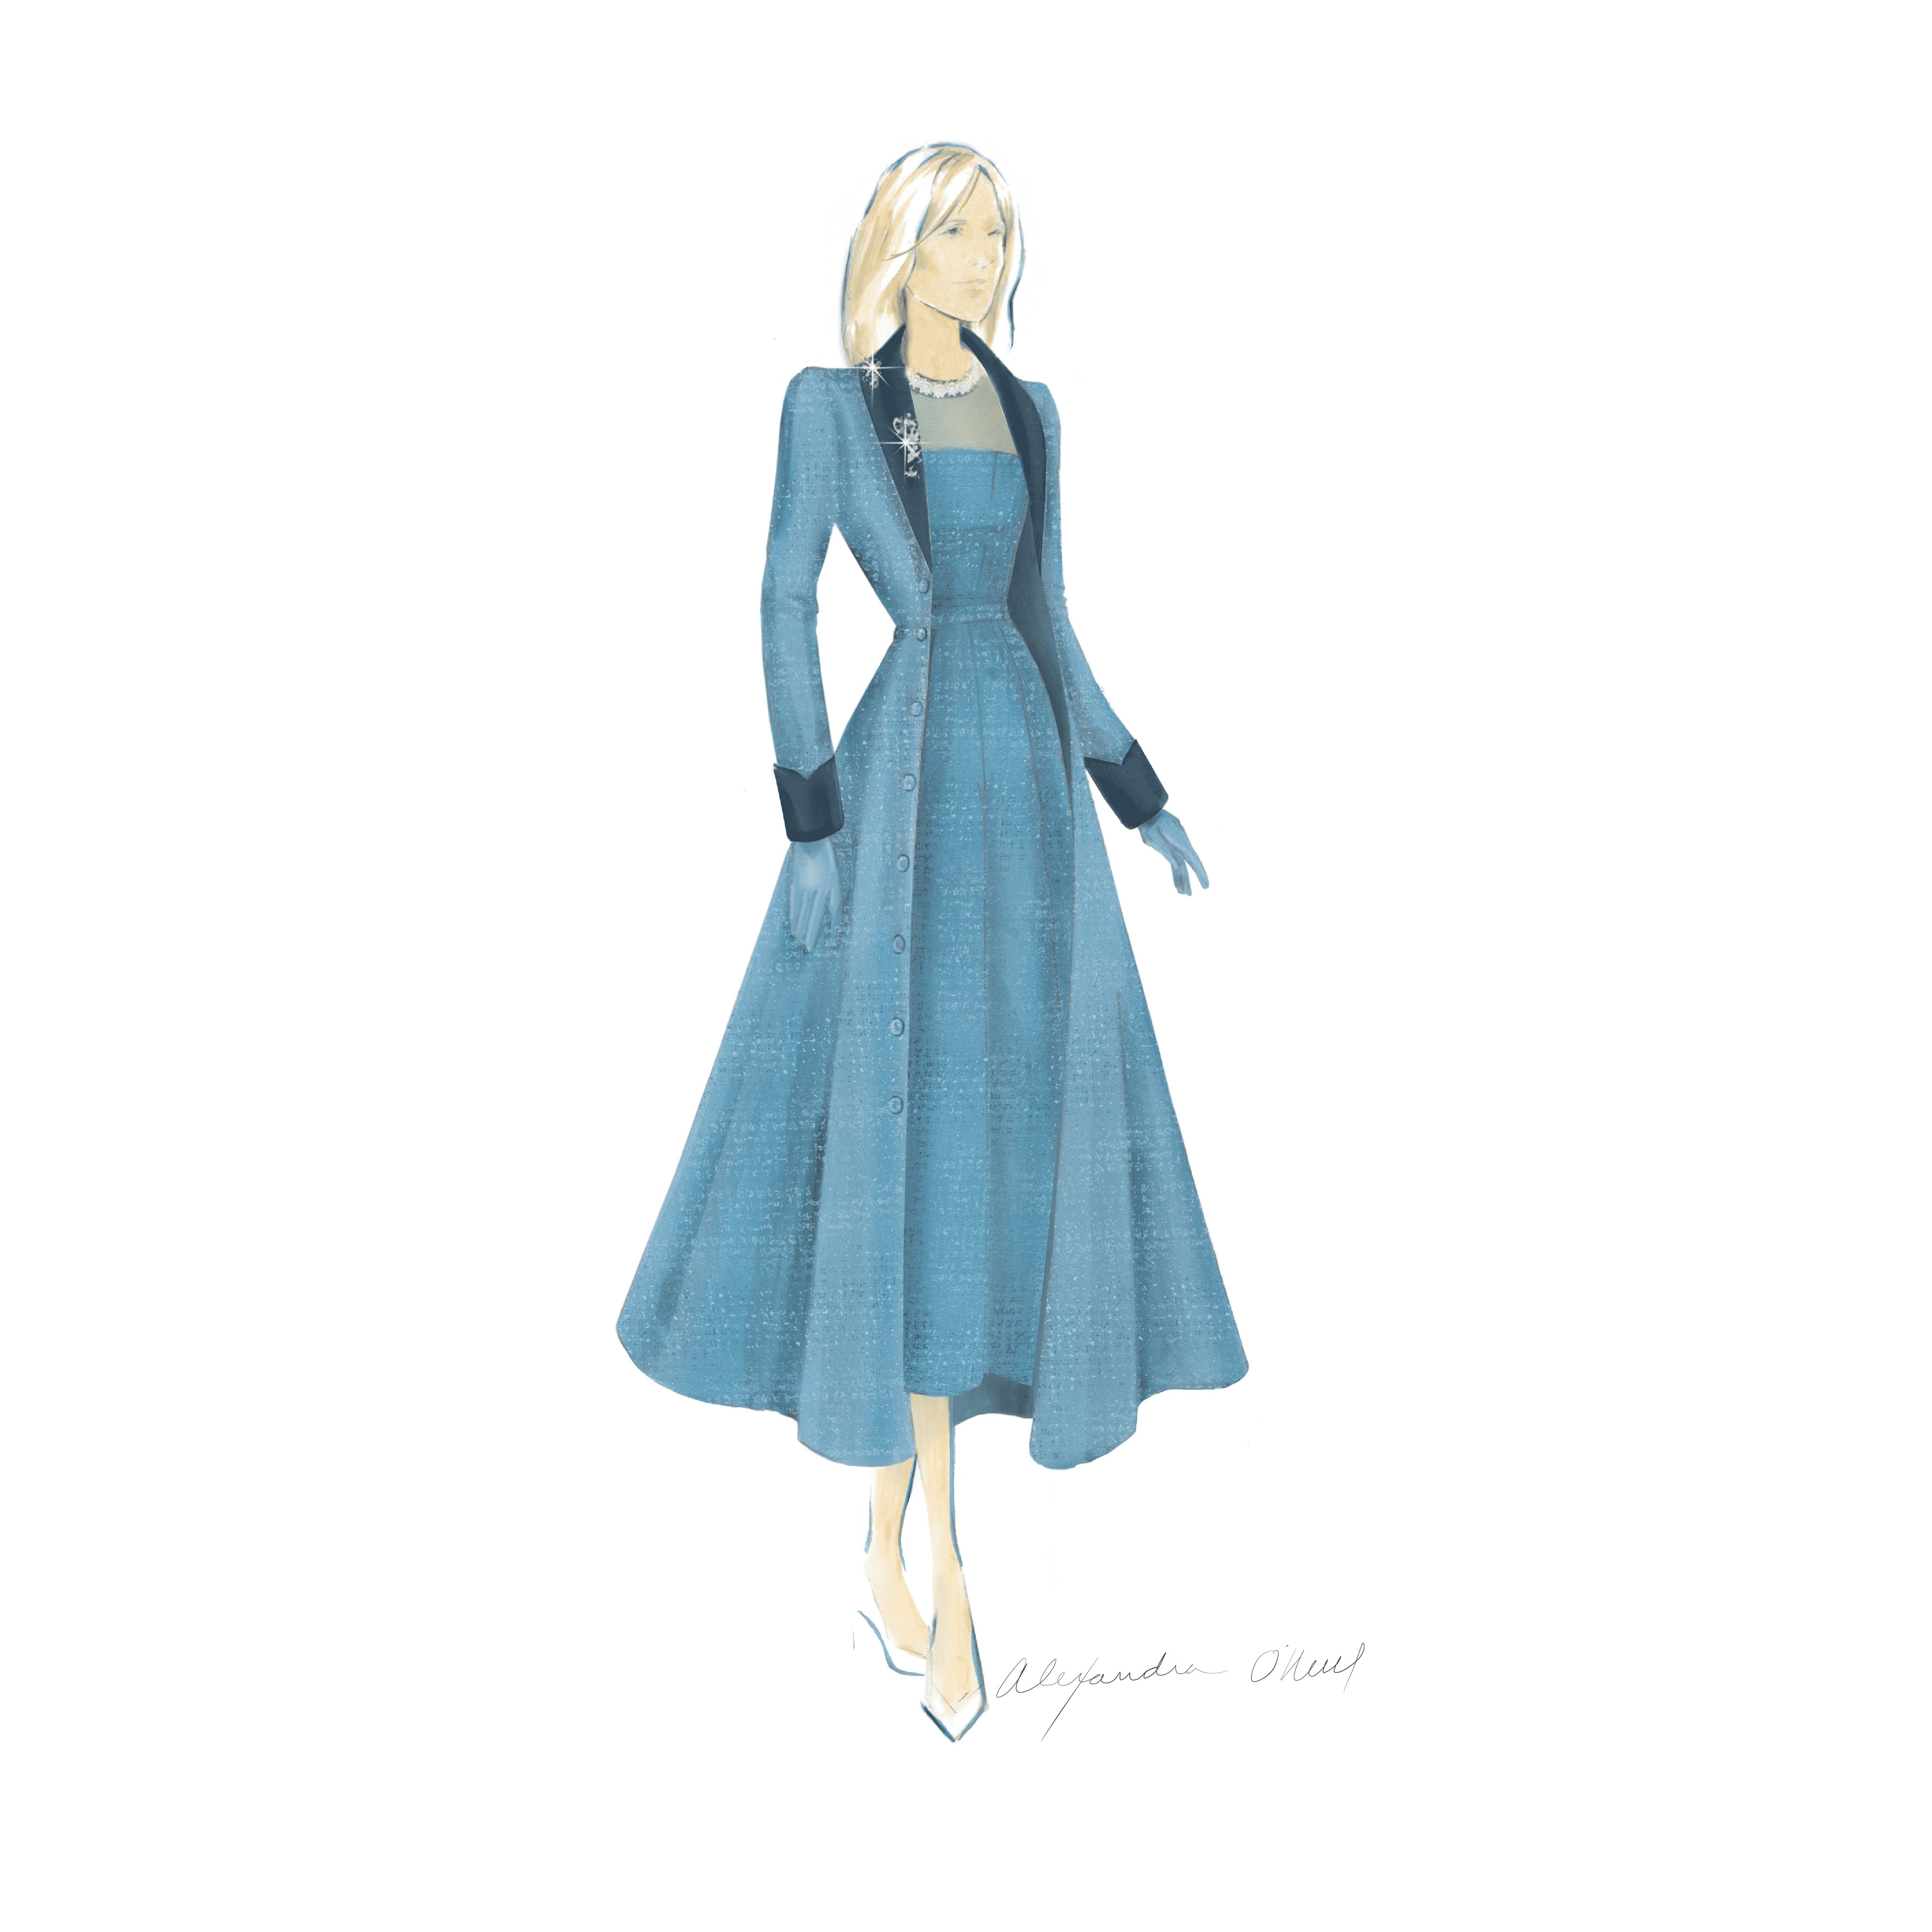 jill biden dress sketch